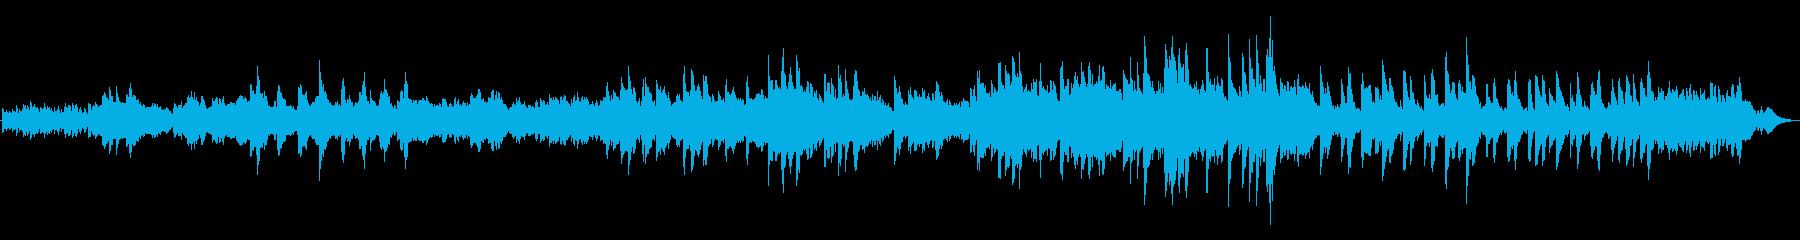 幸せのワルツ_Pad verの再生済みの波形